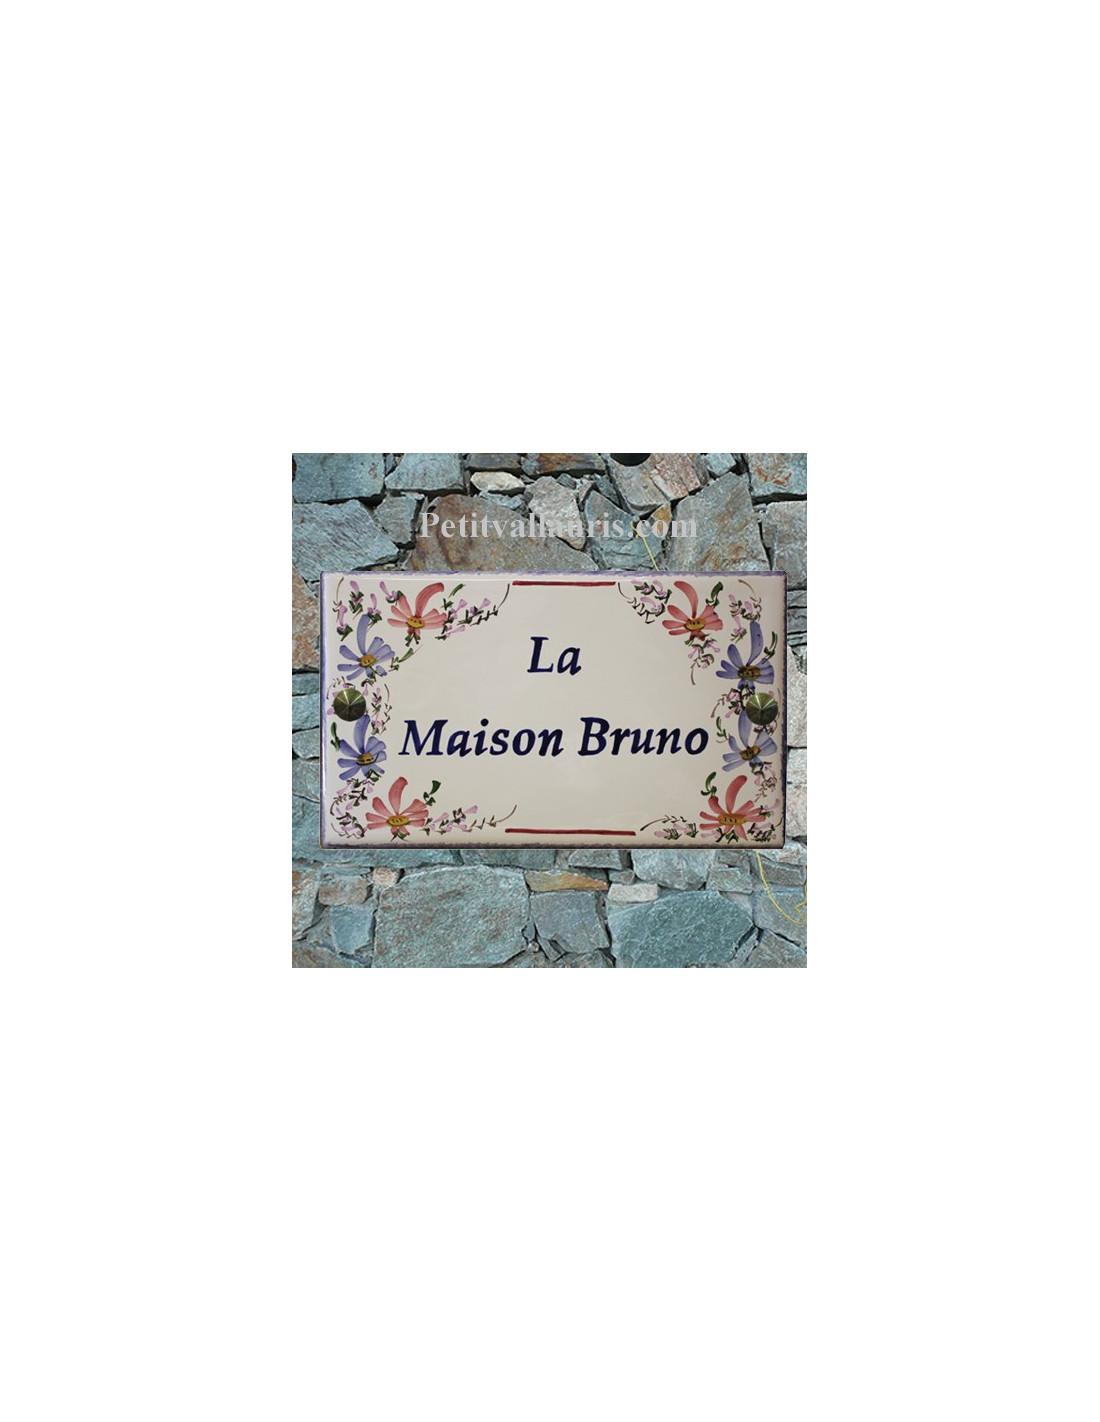 plaque de villa rectangle en c ramique maill e d cor artisanal fleurs bleues et roses. Black Bedroom Furniture Sets. Home Design Ideas